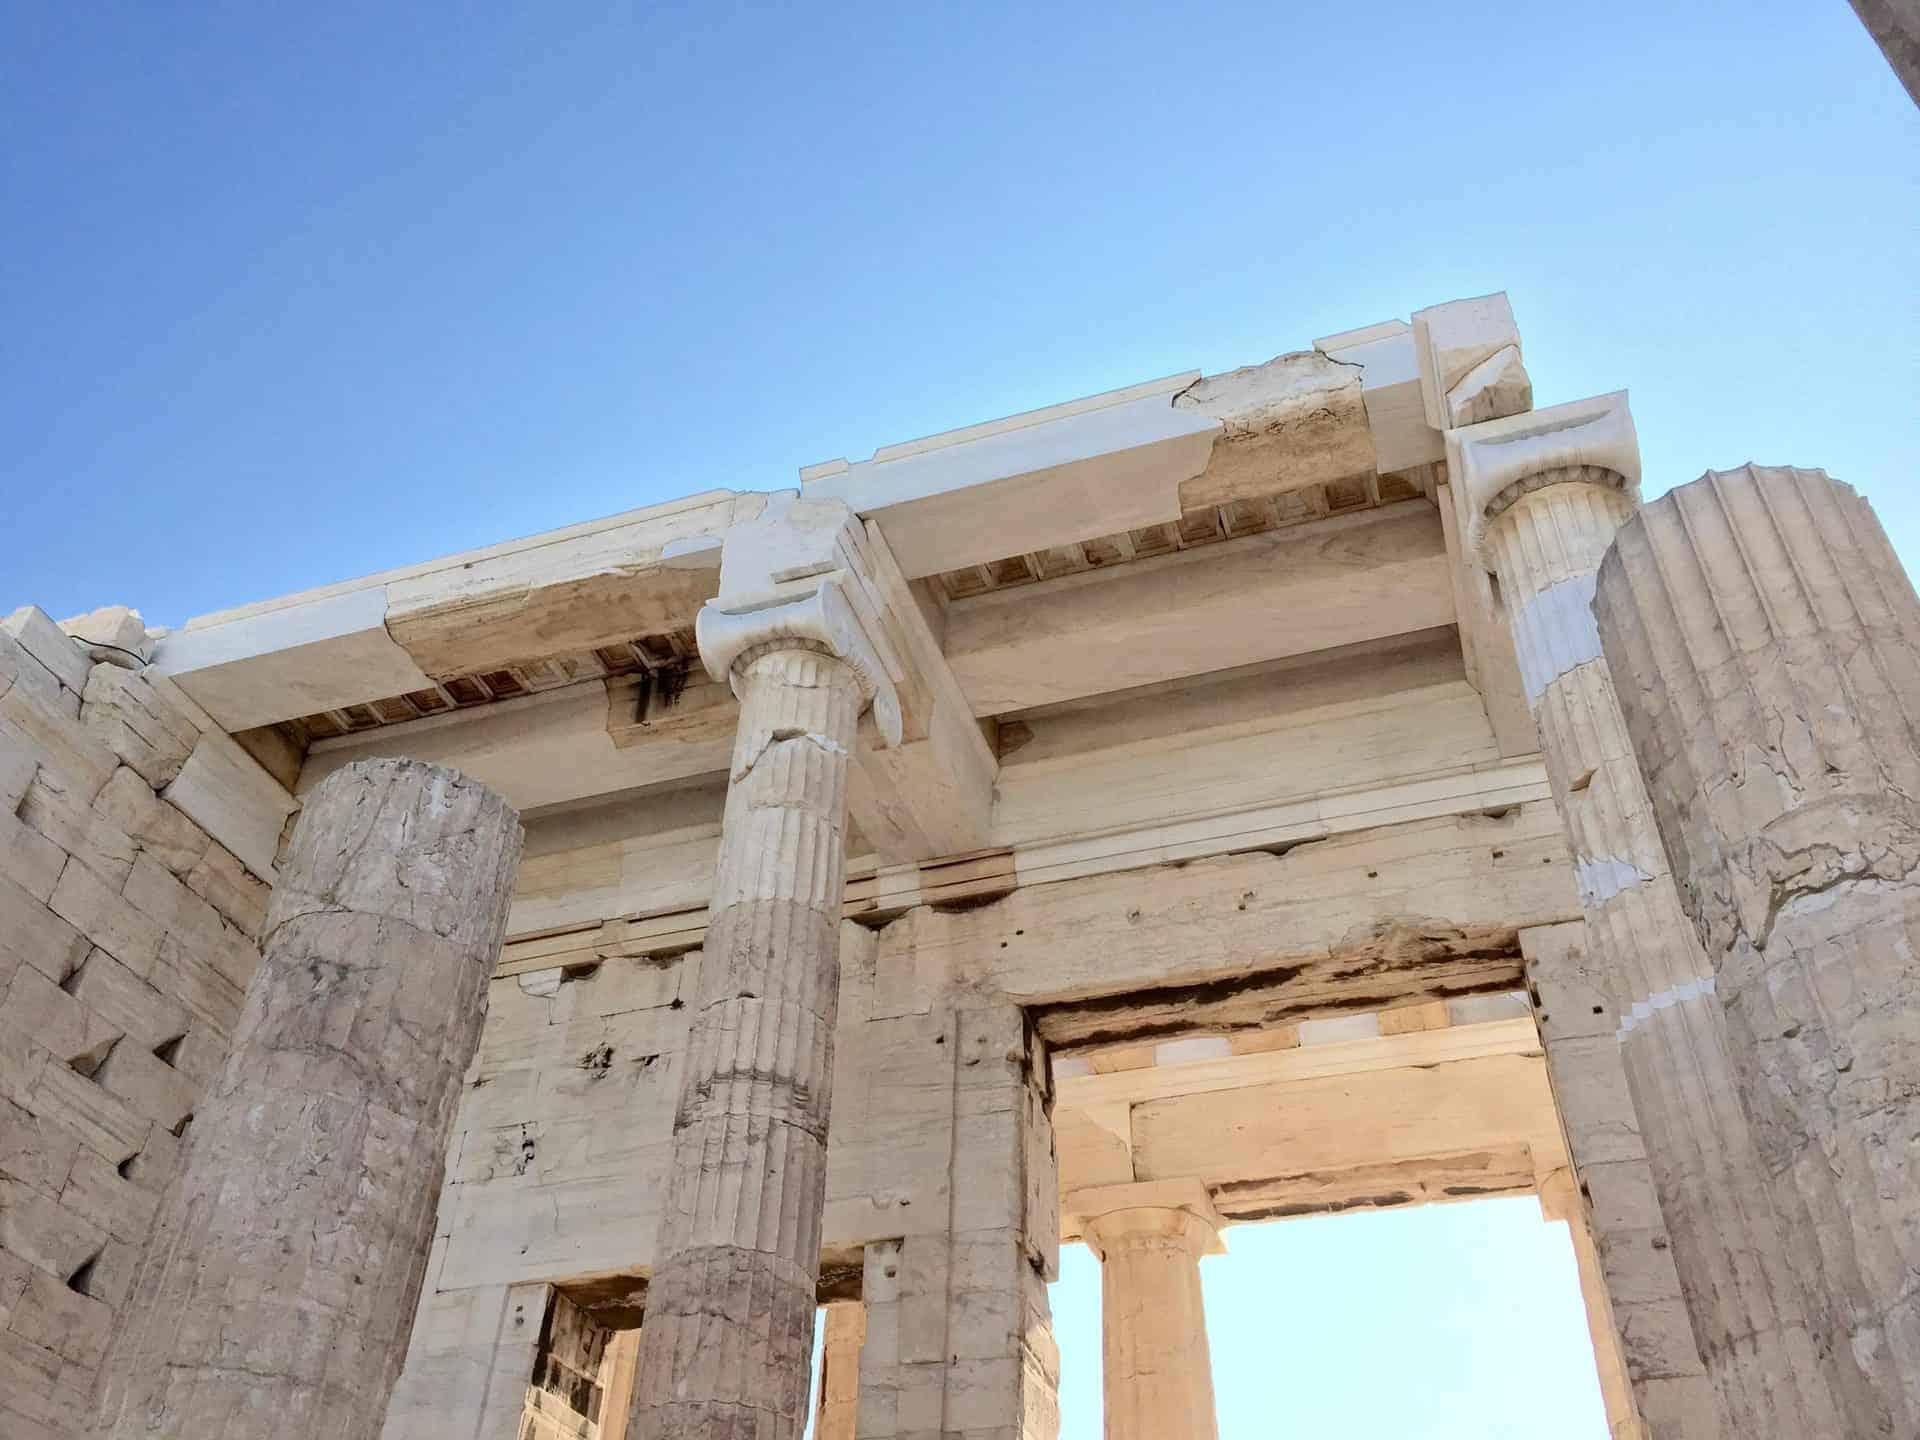 athens_acropolis9-The-Propylaia-37.97169, 23.72511